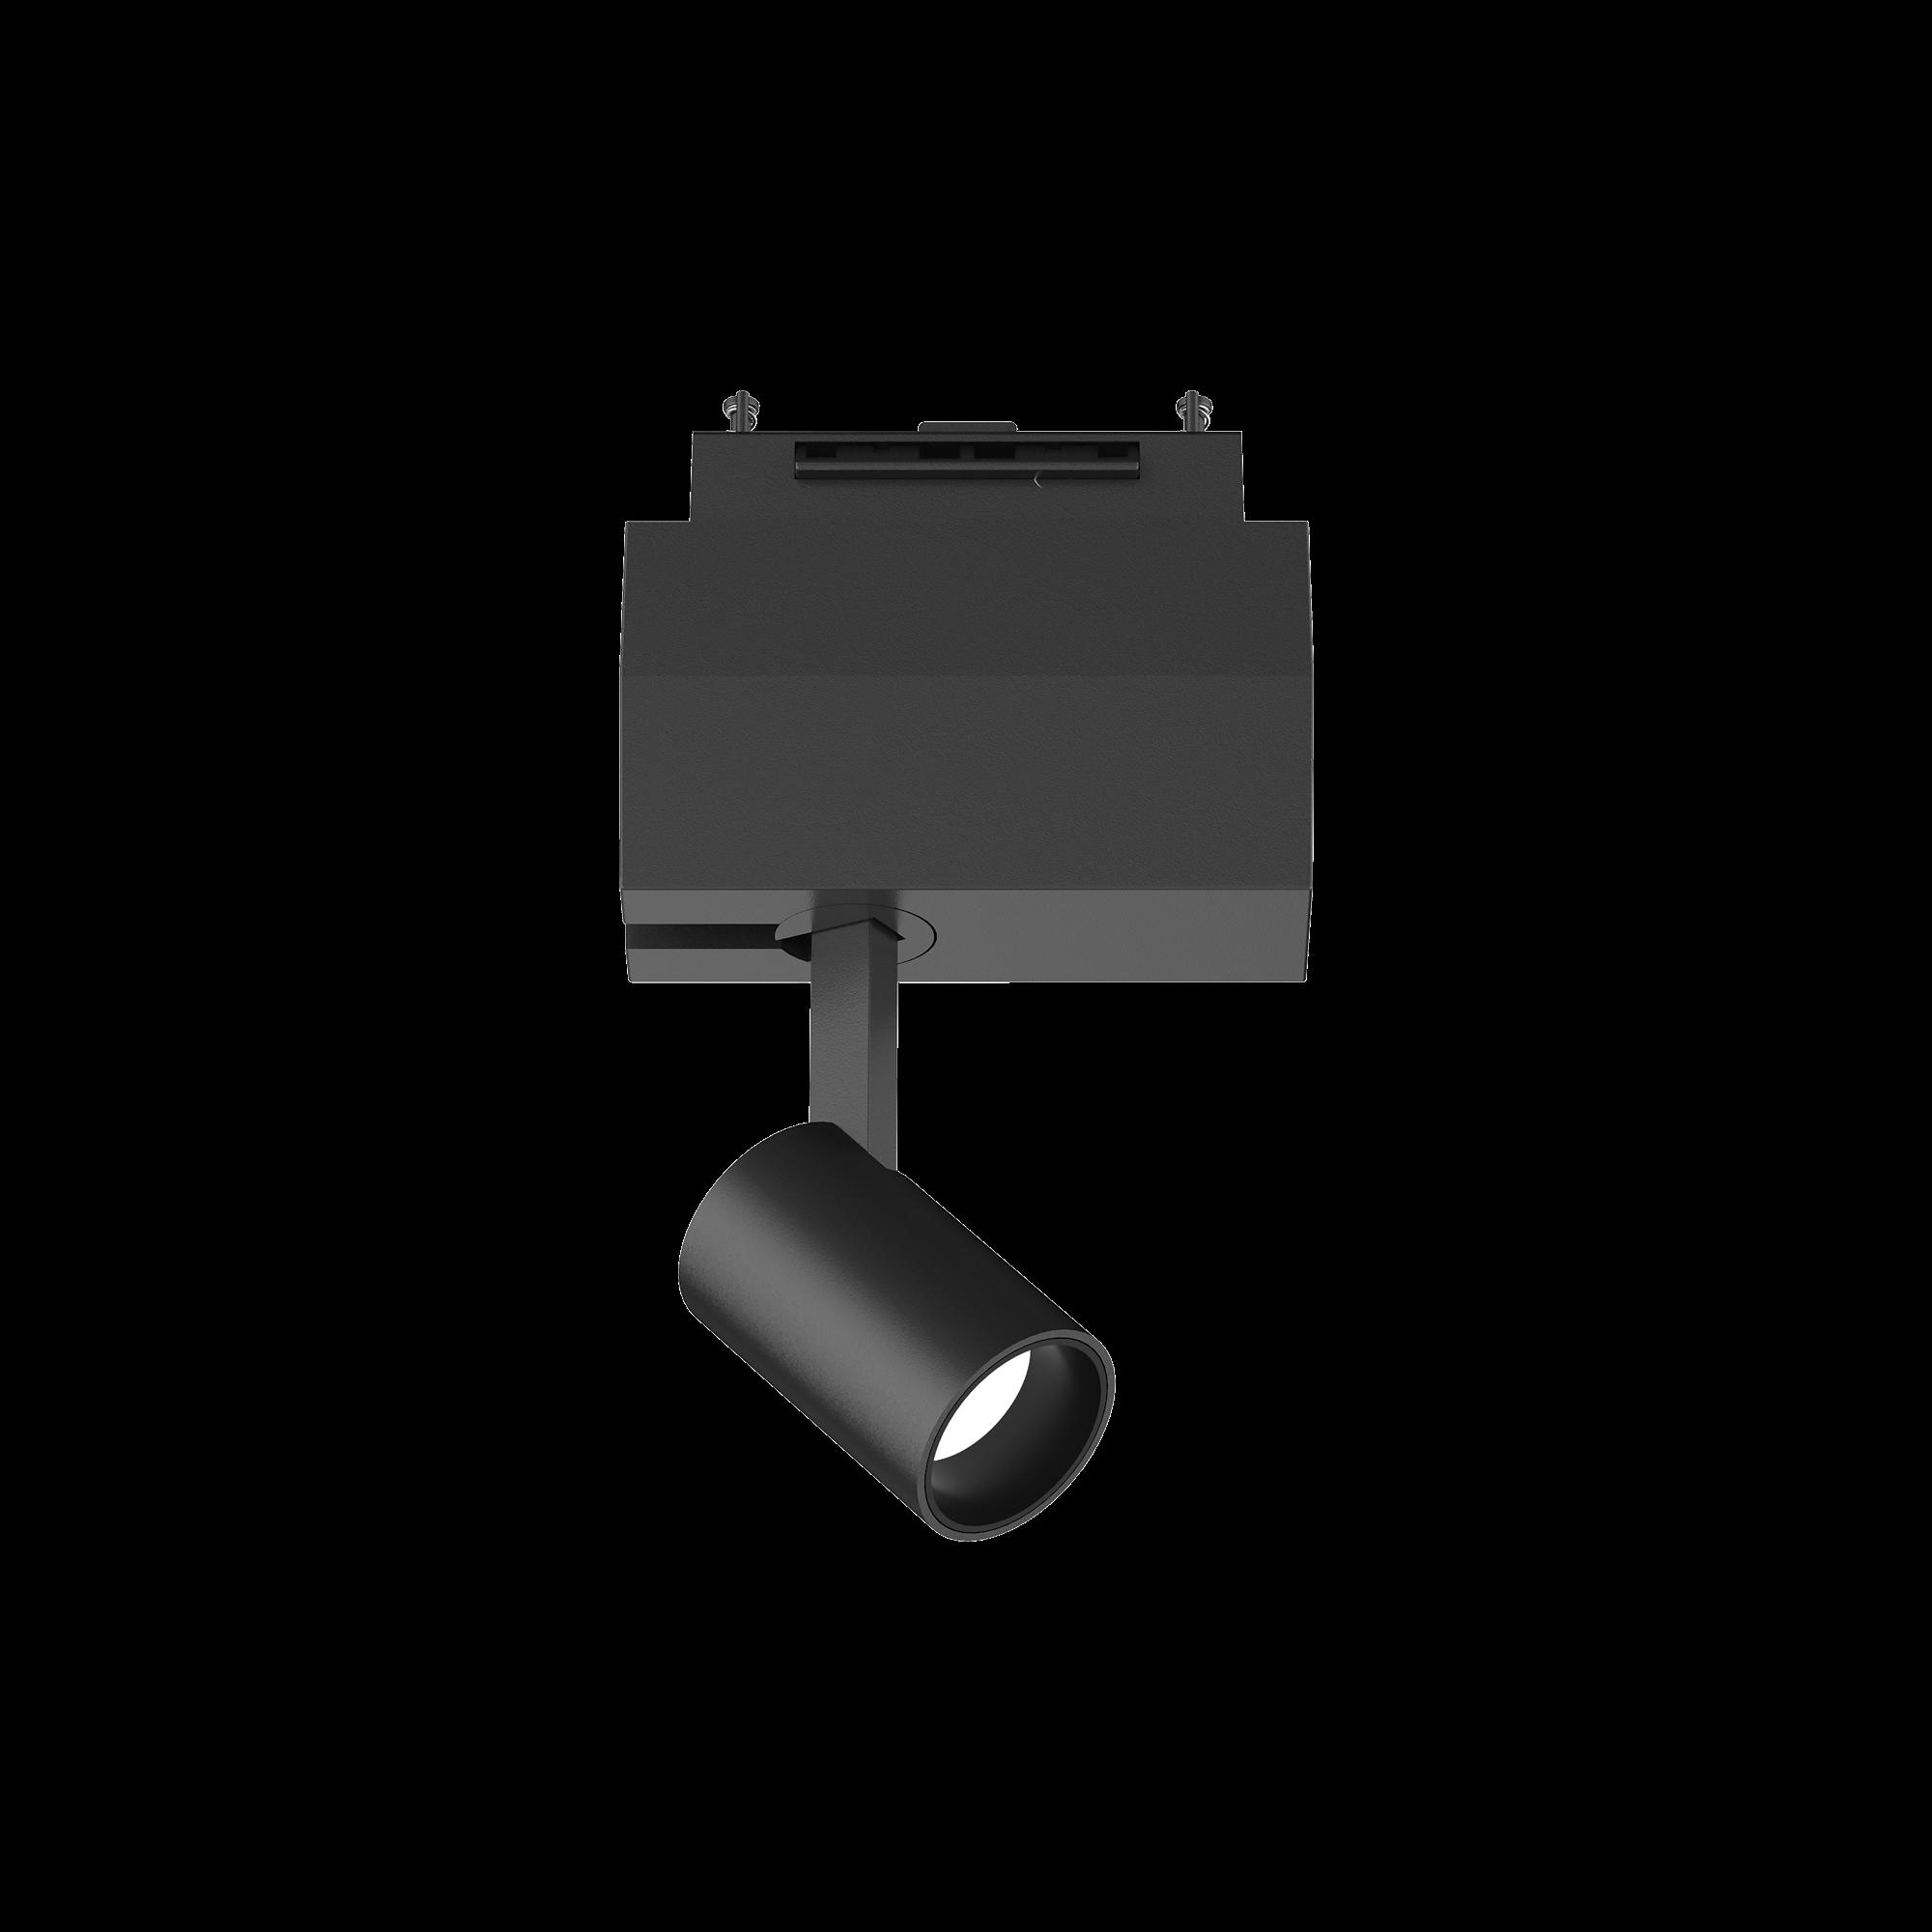 Светильник для магнитной системы Ideal Lux ARCA TRACK 5W 40° 3000K 222974 3000K (теплый), черный, металл - фото 1